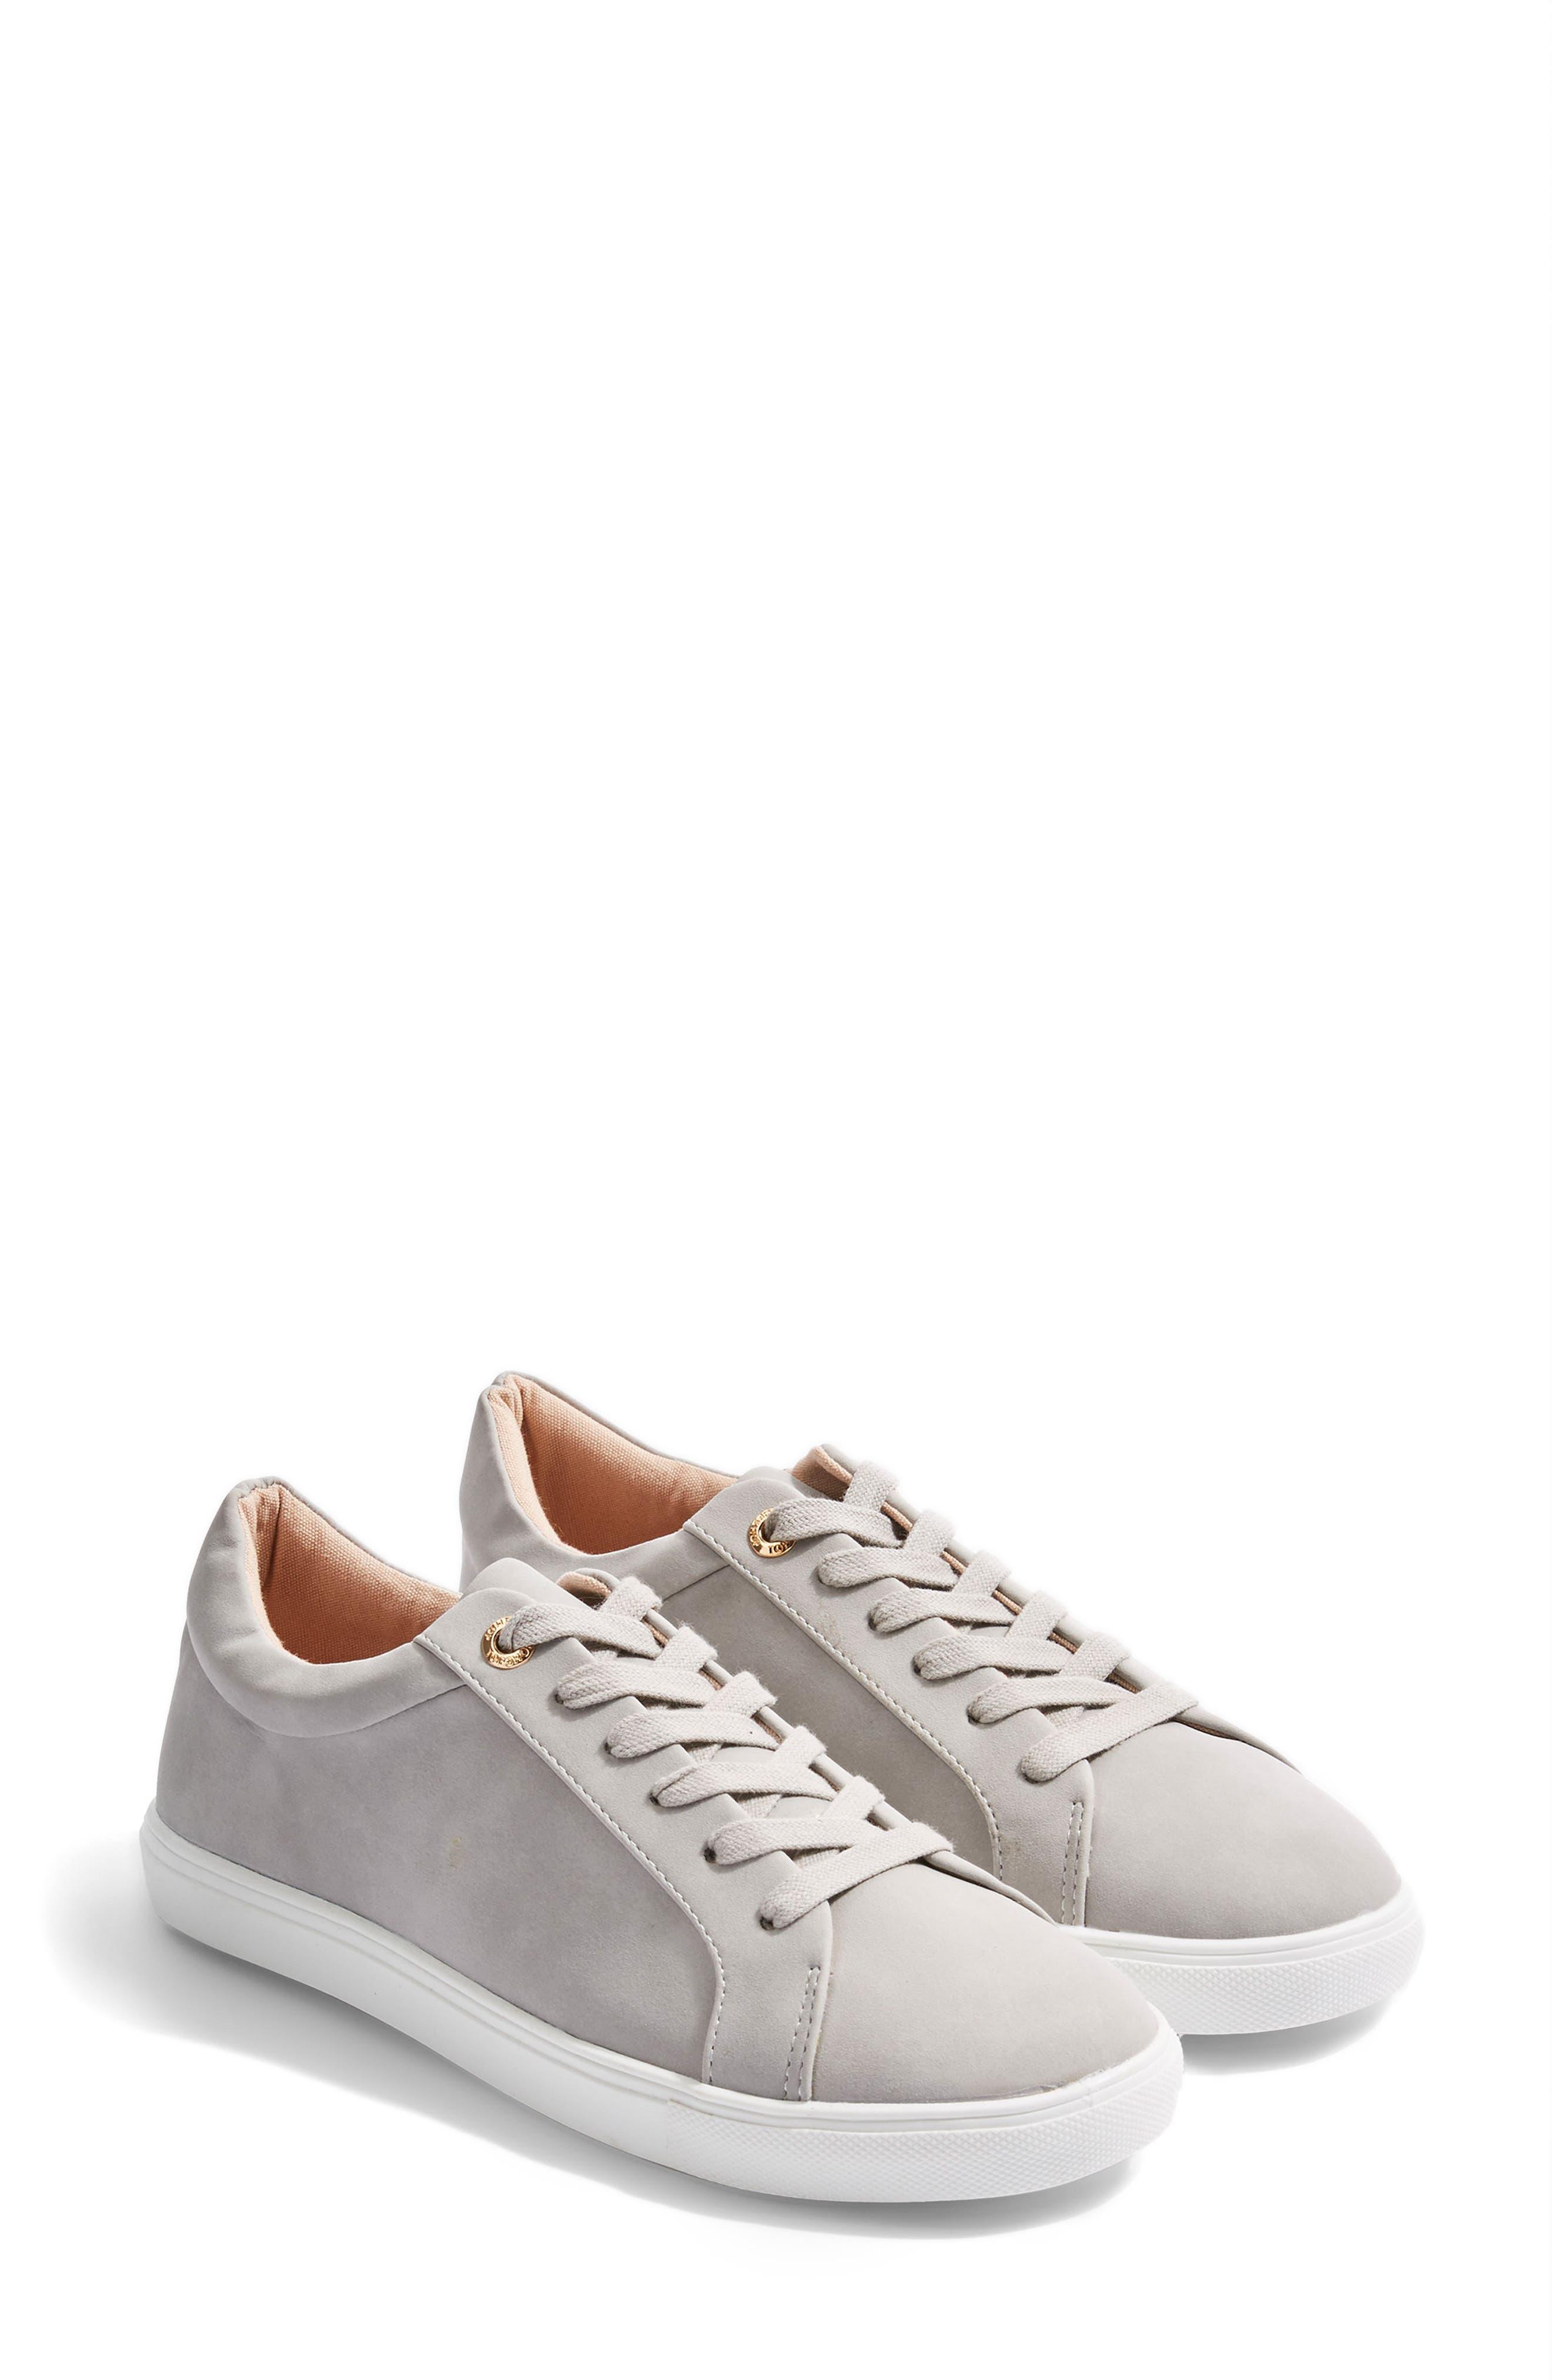 Topshop Cookie Low Top Sneaker (Women)